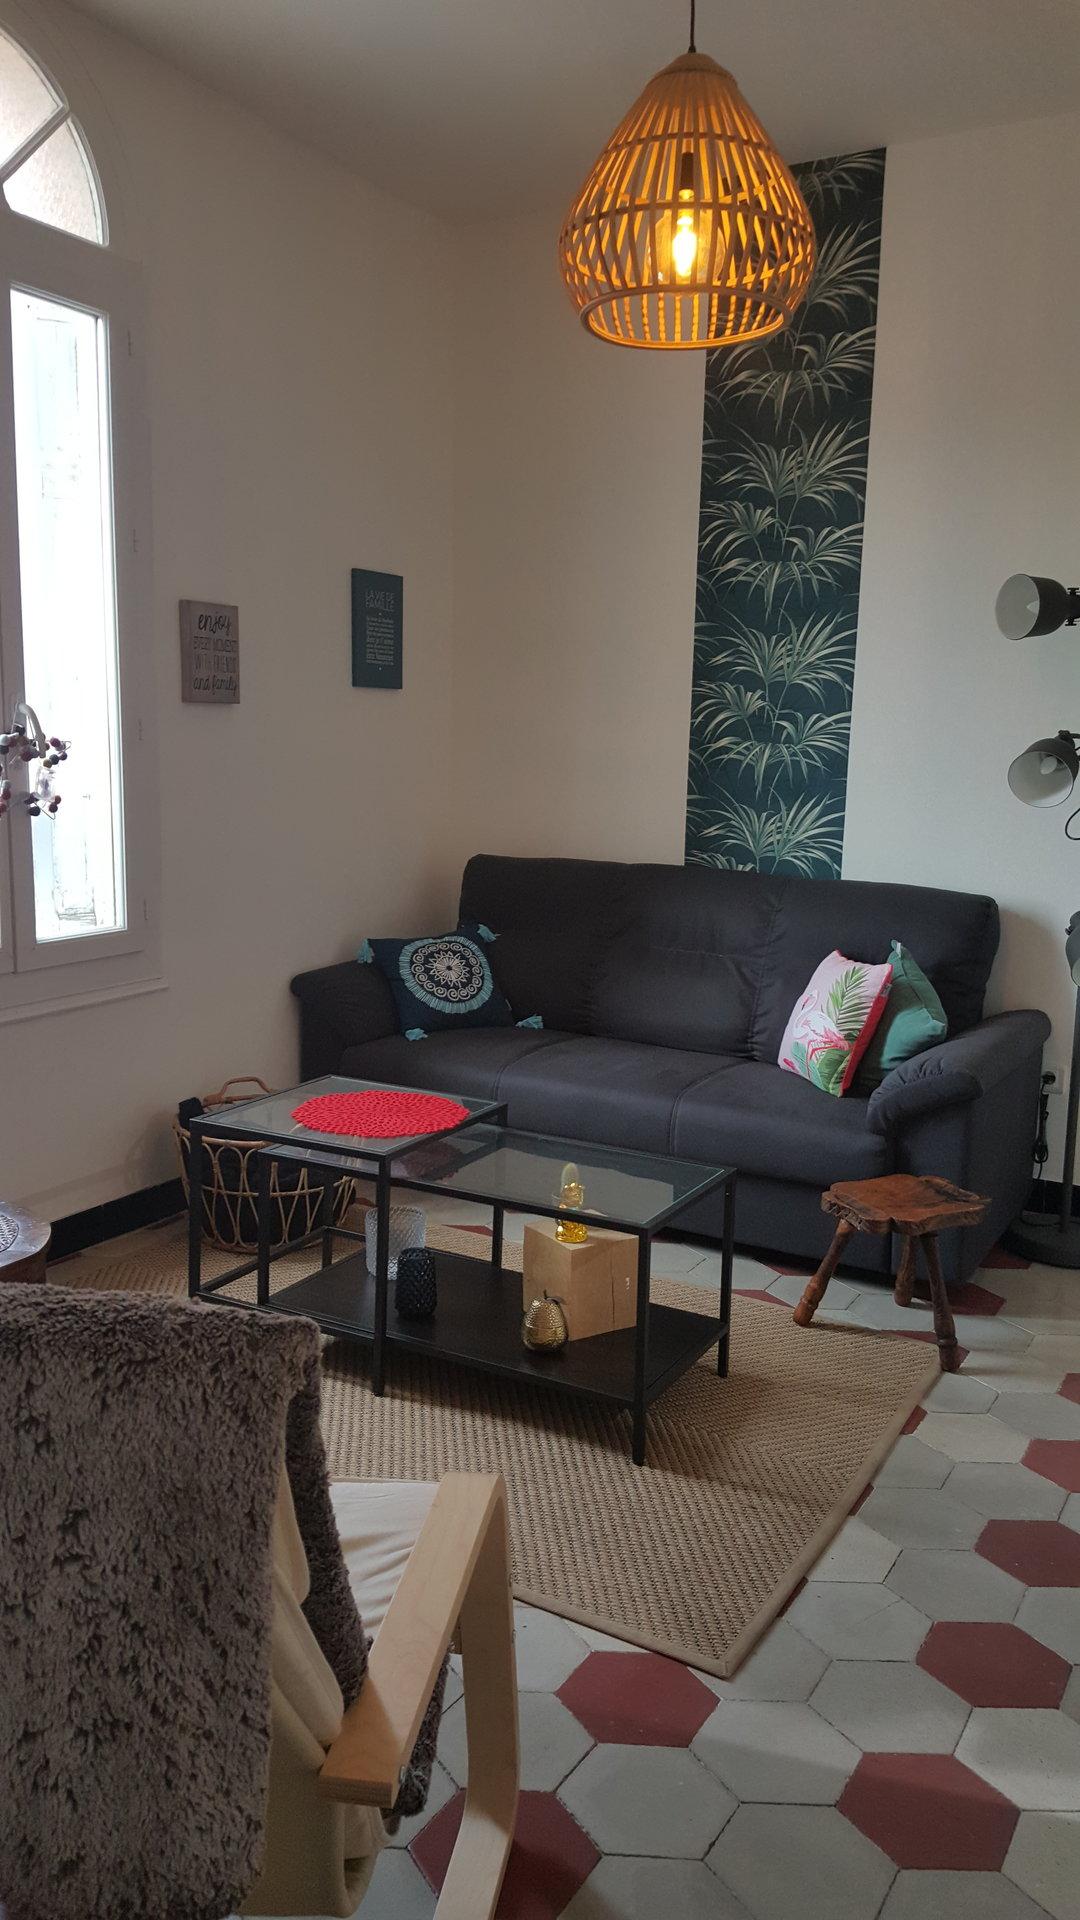 Clémenceau , chambres meublées tout confort, neuves, pour colocation